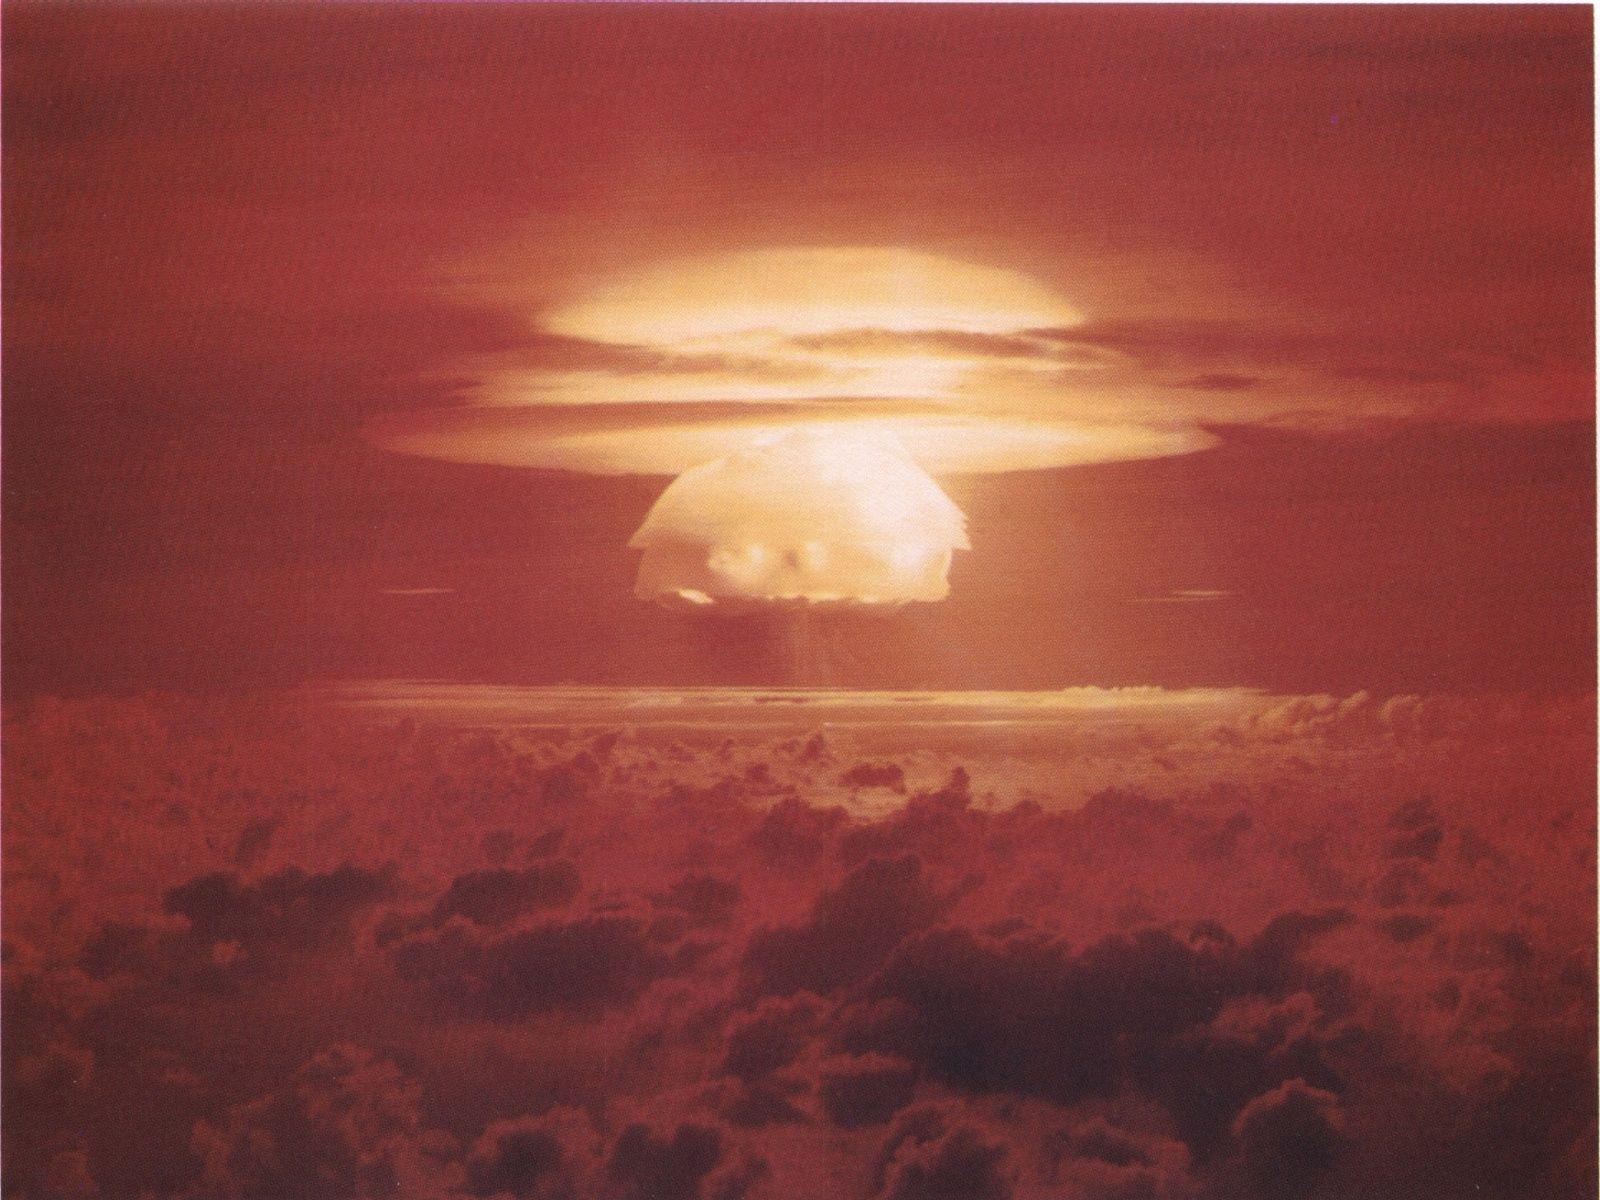 Wasserstoffbombentest